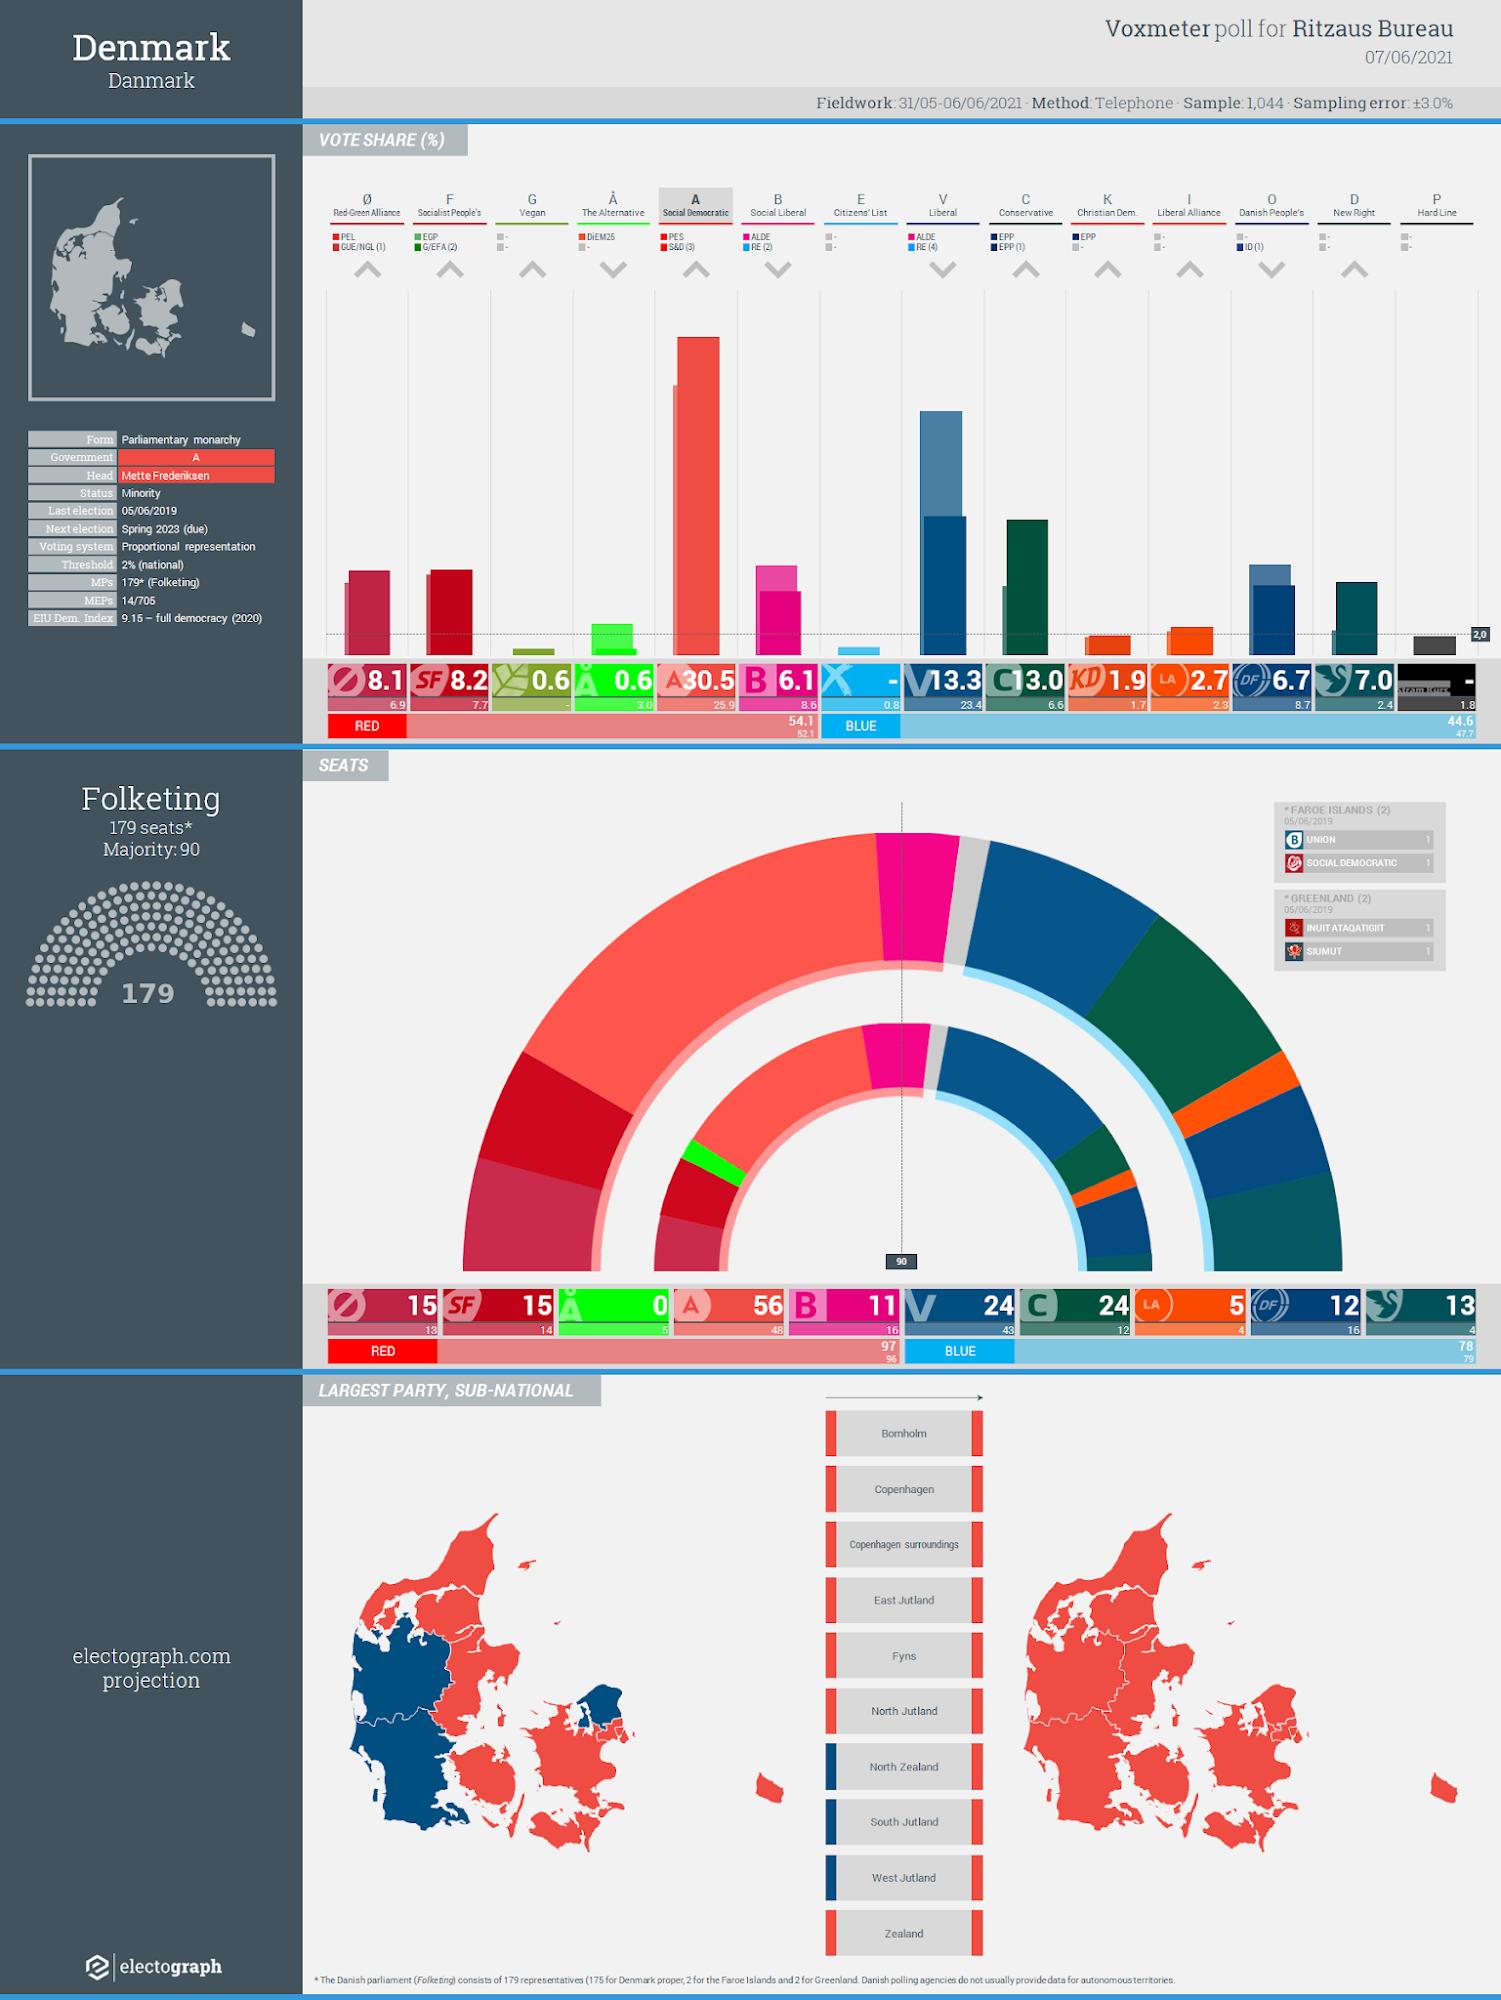 DENMARK: Voxmeter poll chart for Ritzaus Bureau, 7 June 2021